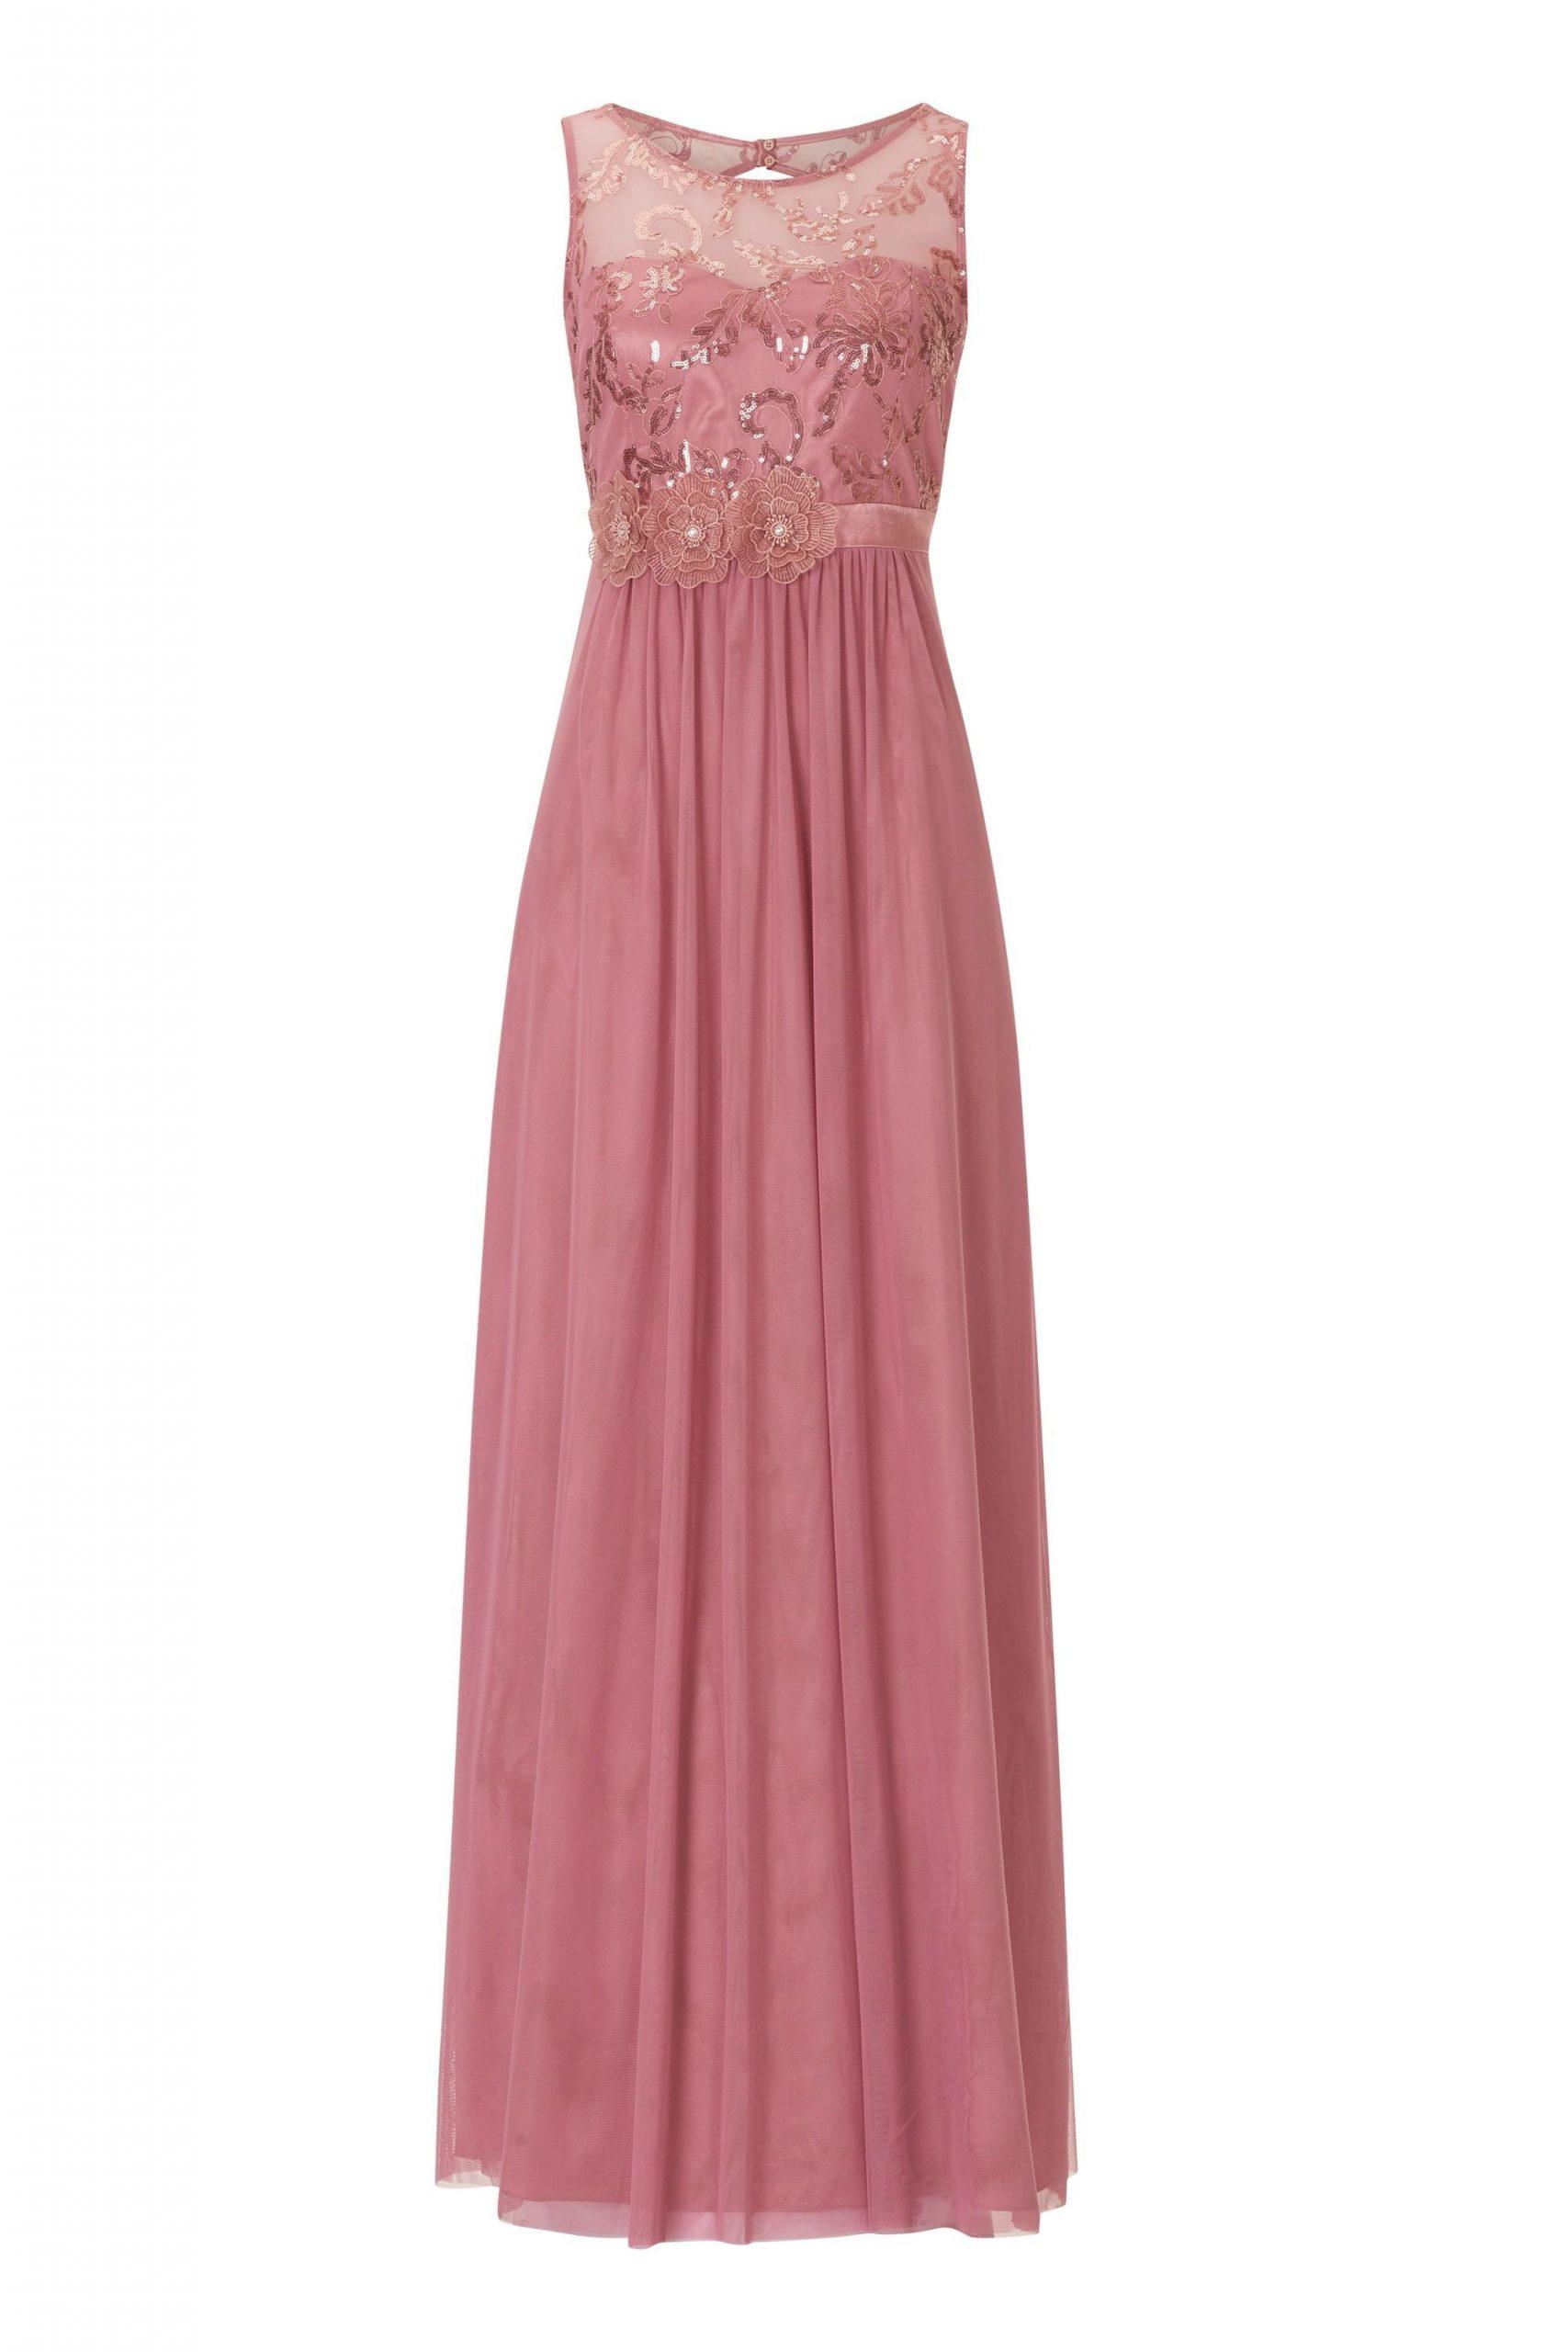 Formal Einfach Vera Mont Abendkleid Rosa Spezialgebiet10 Schön Vera Mont Abendkleid Rosa Galerie